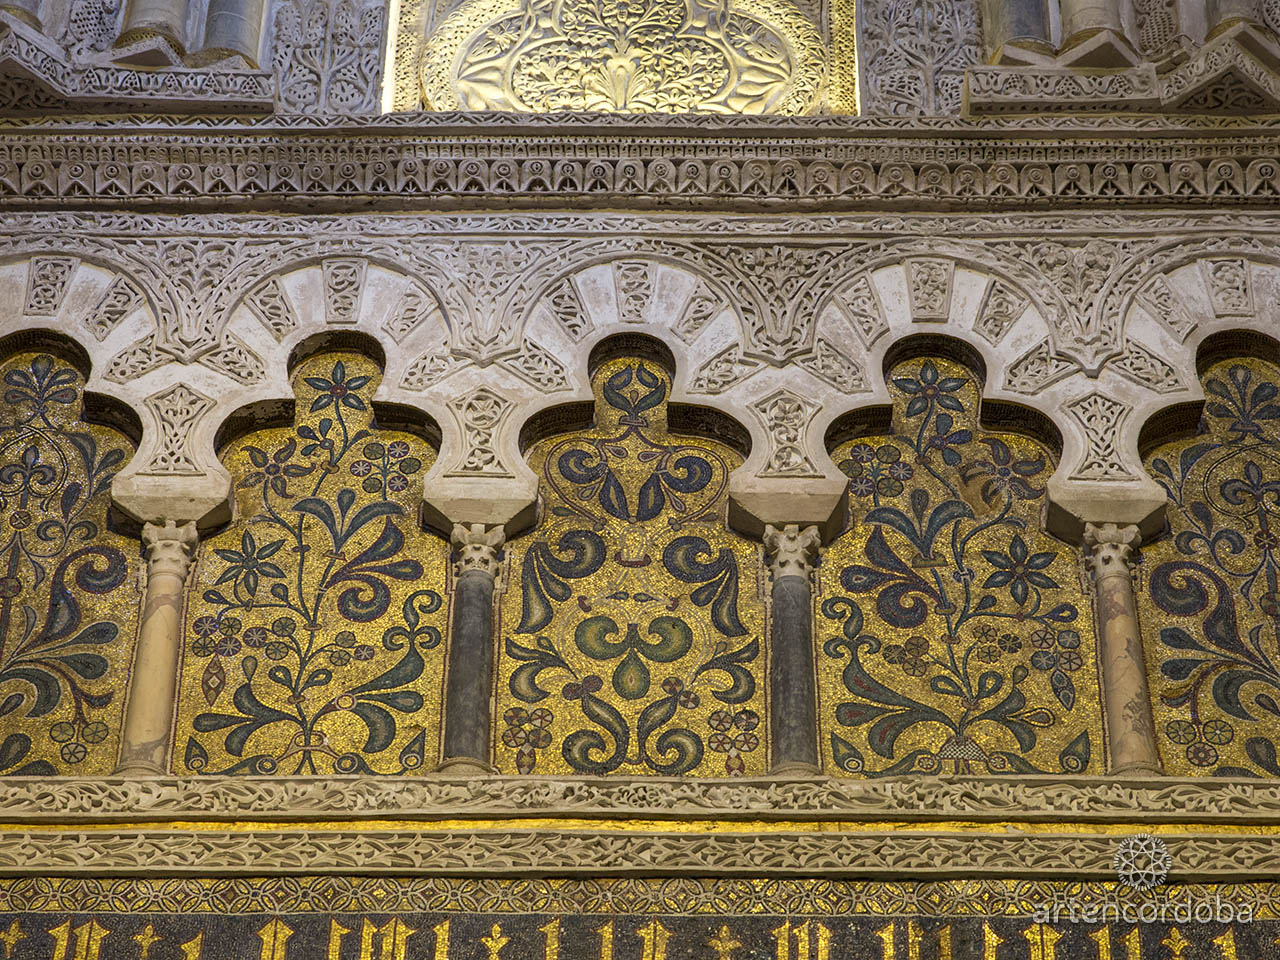 Detalle de la decoración del Mihrab de la Mezquita-Catedral de Córdoba